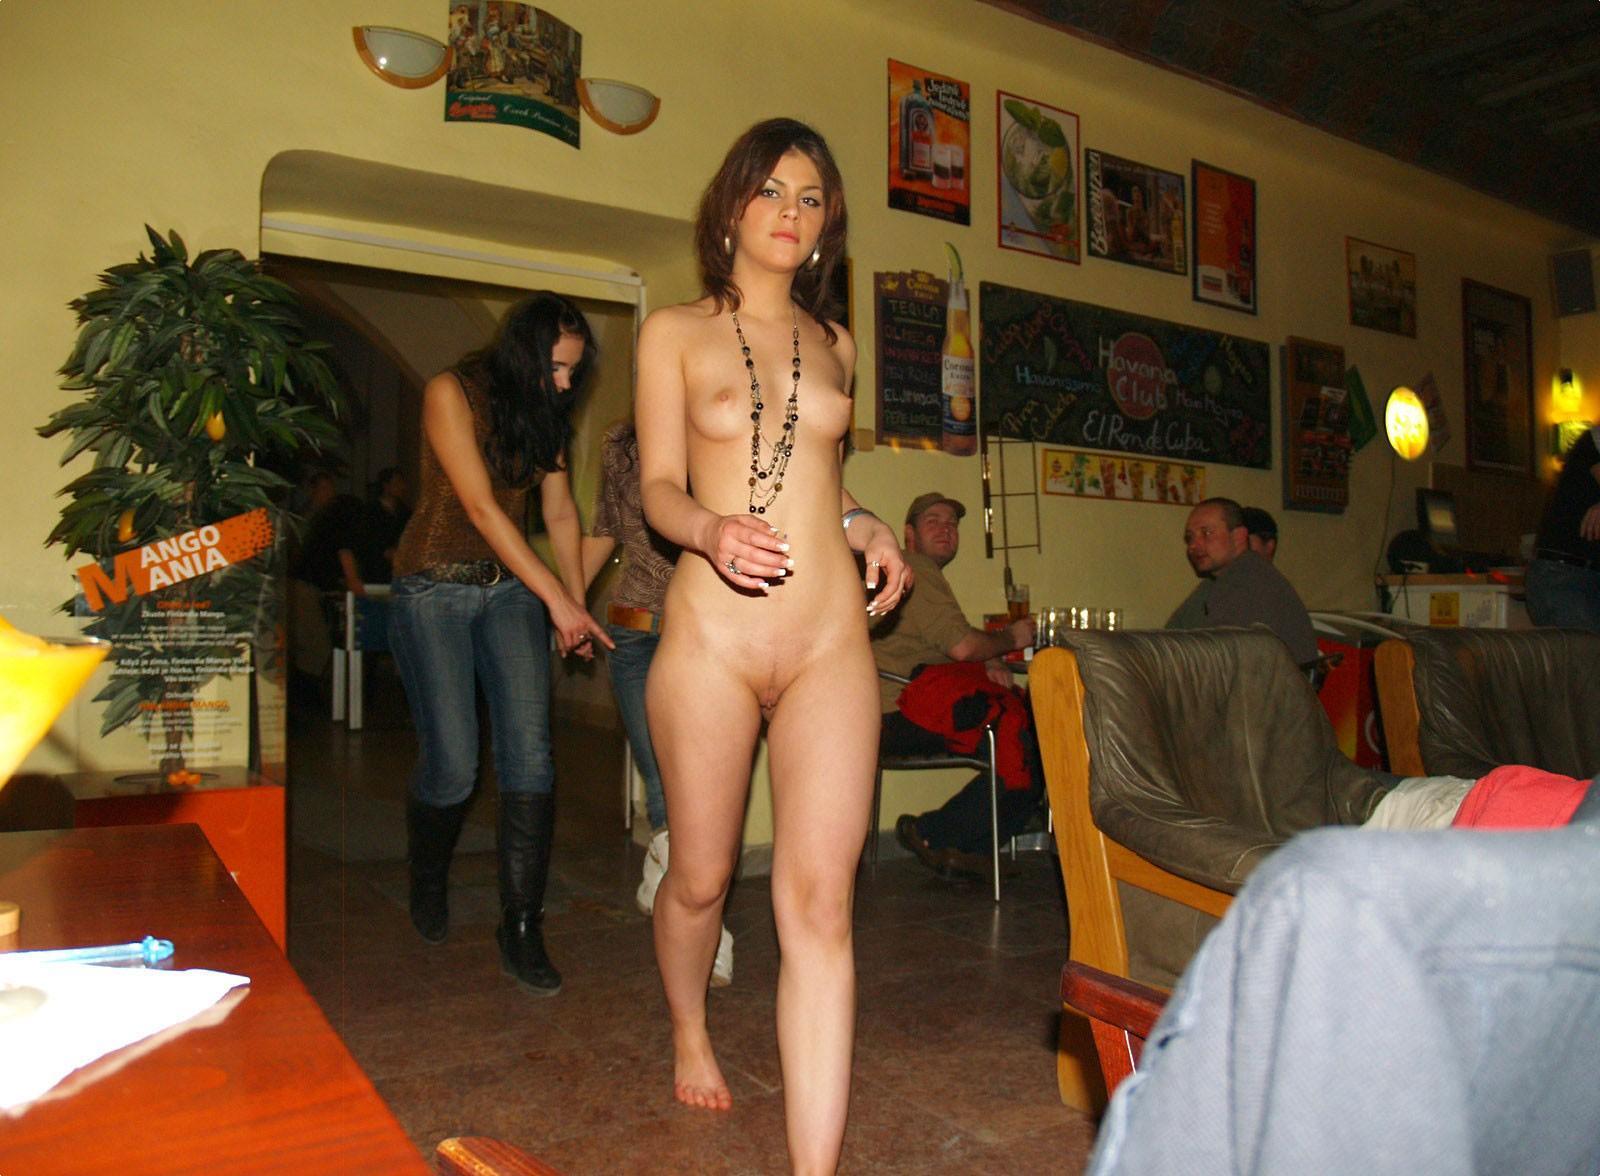 Naked Bar Maids 45